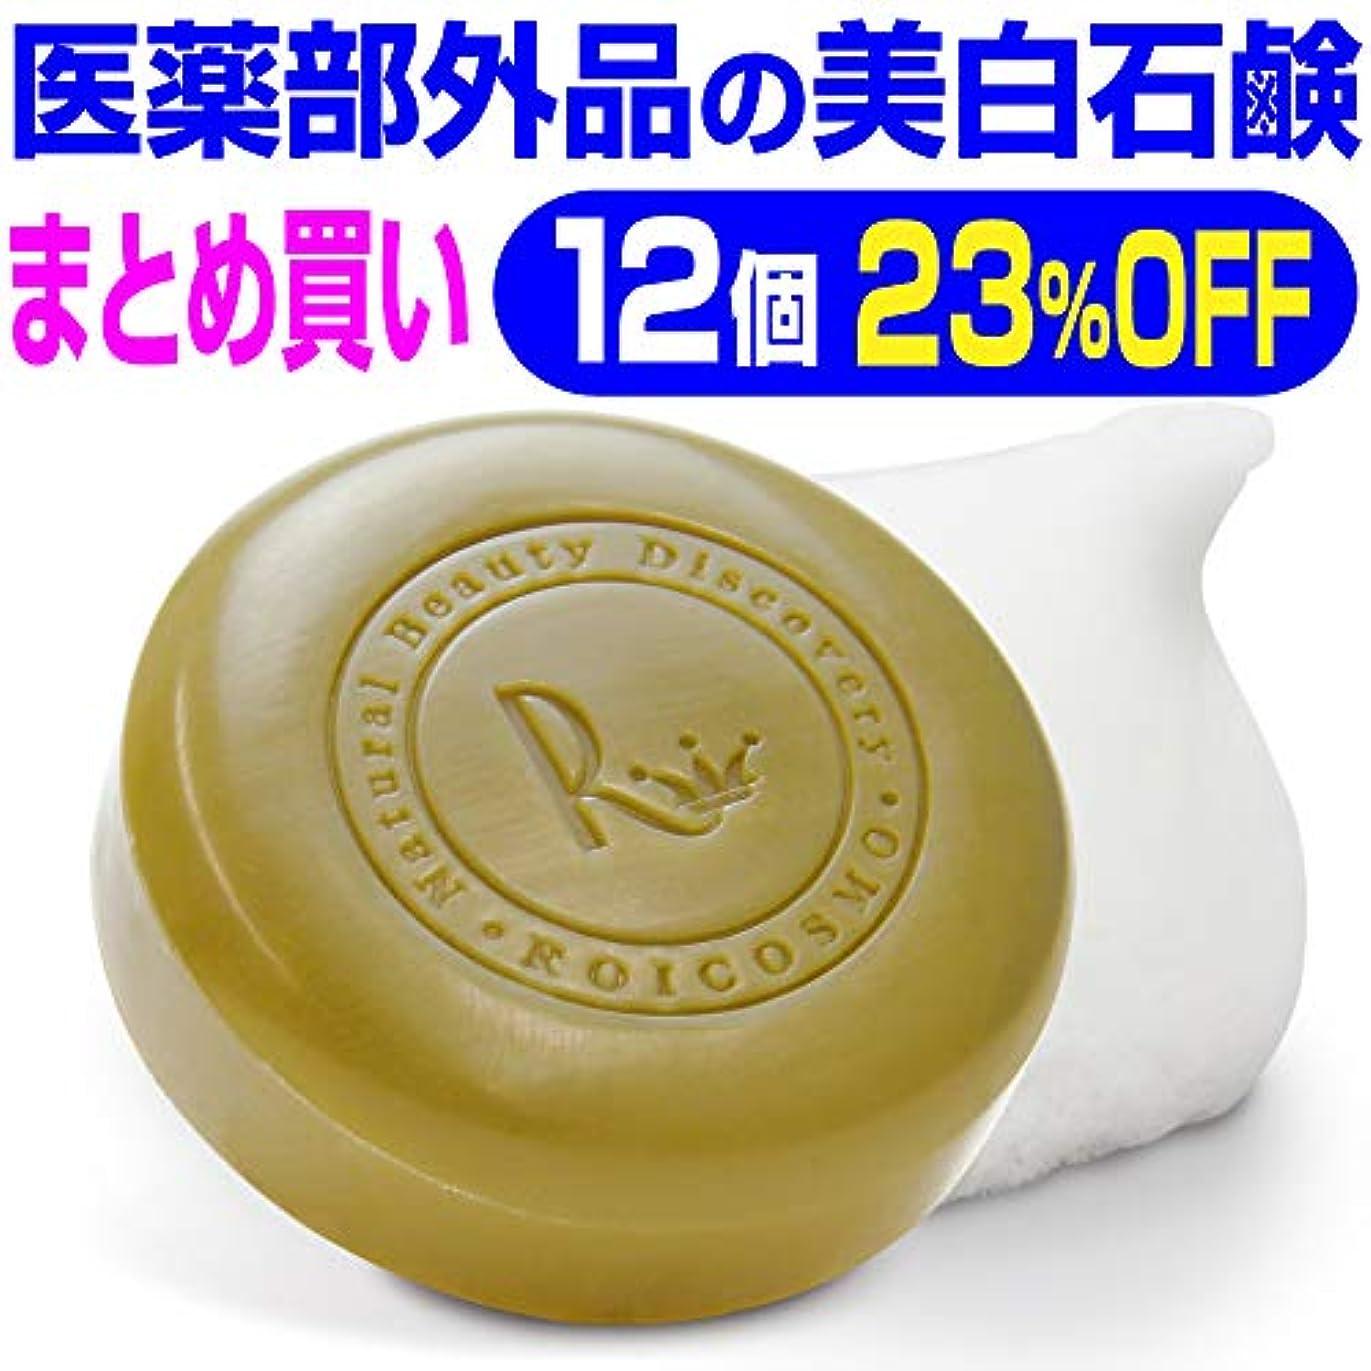 何ネックレット光12個まとめ買い23%OFF 美白石鹸/ビタミンC270倍の美白成分配合の 洗顔石鹸『ホワイトソープ100g×12個』